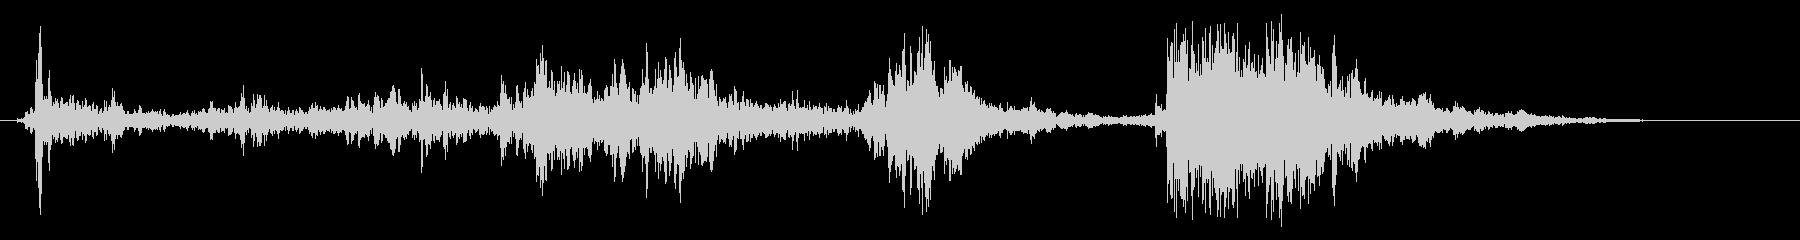 チャラチャラチャンとビンの蓋を開ける音の未再生の波形